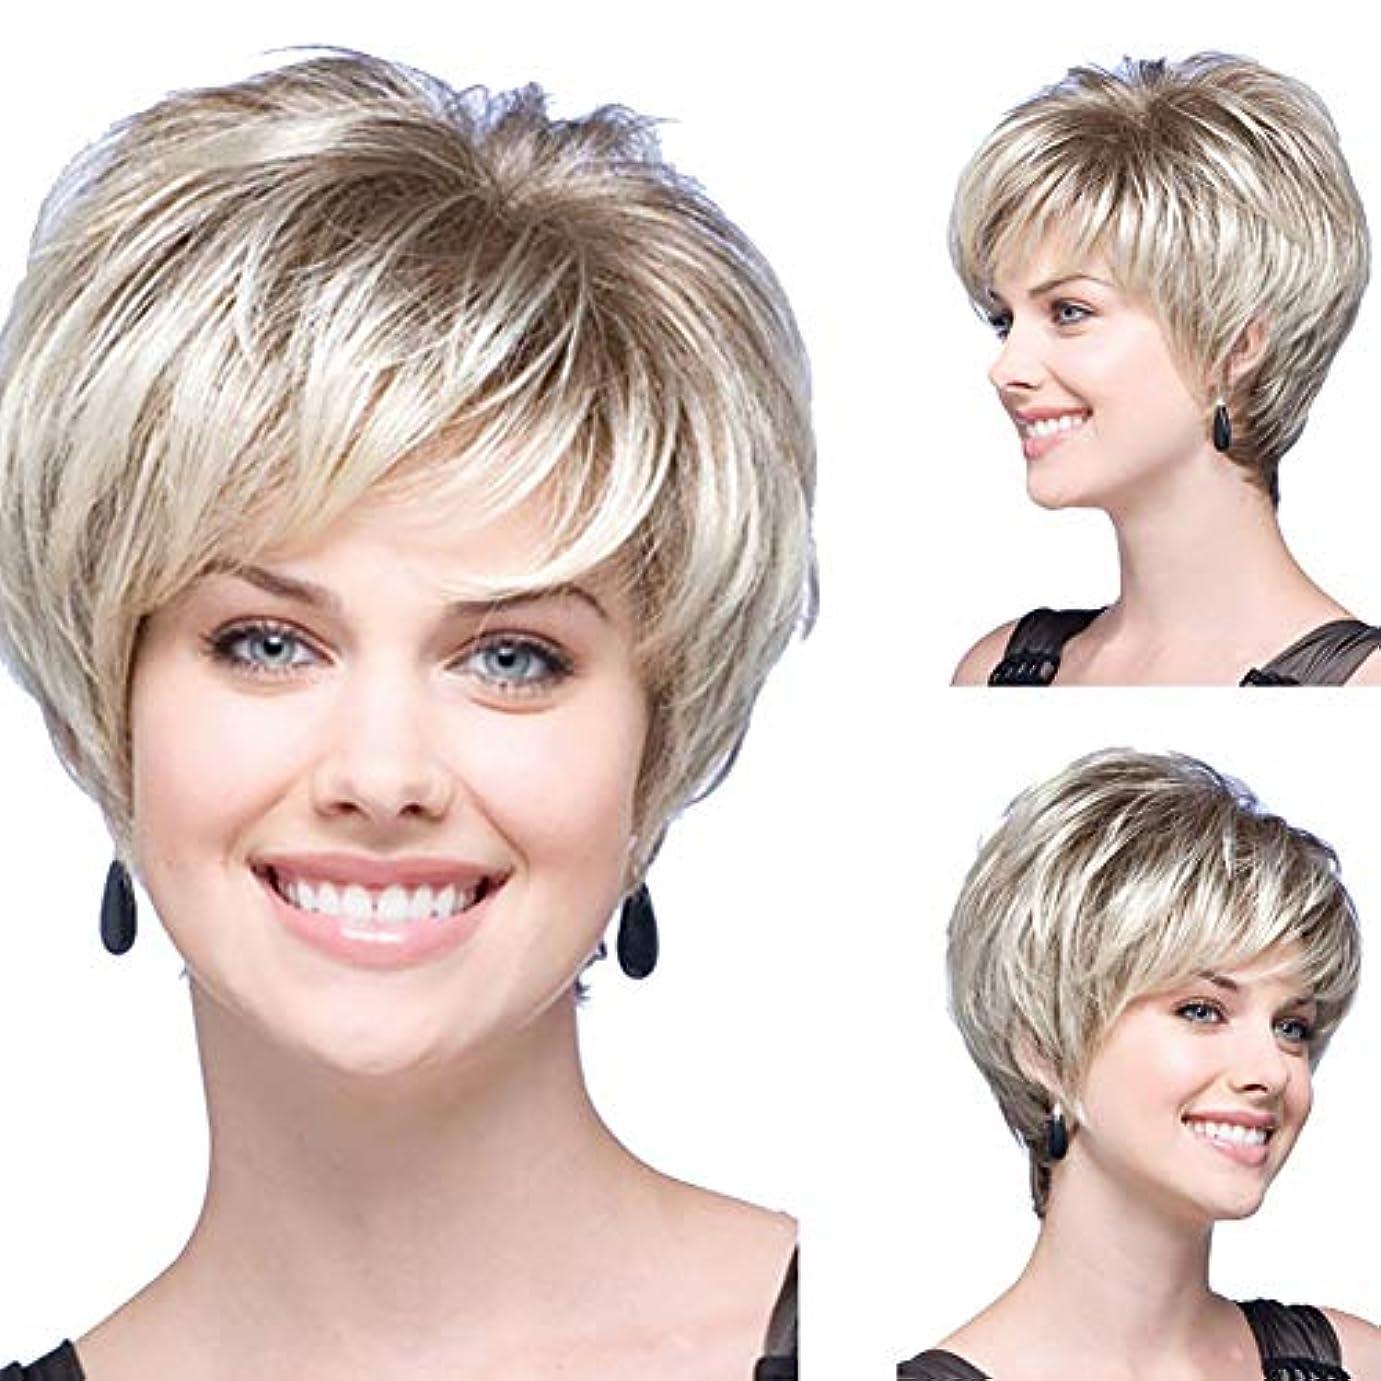 口述する基準見せますslQinjiansav女性ウィッグ修理ツール高温天然合成繊維レディショートコスプレウィッグヘアピース